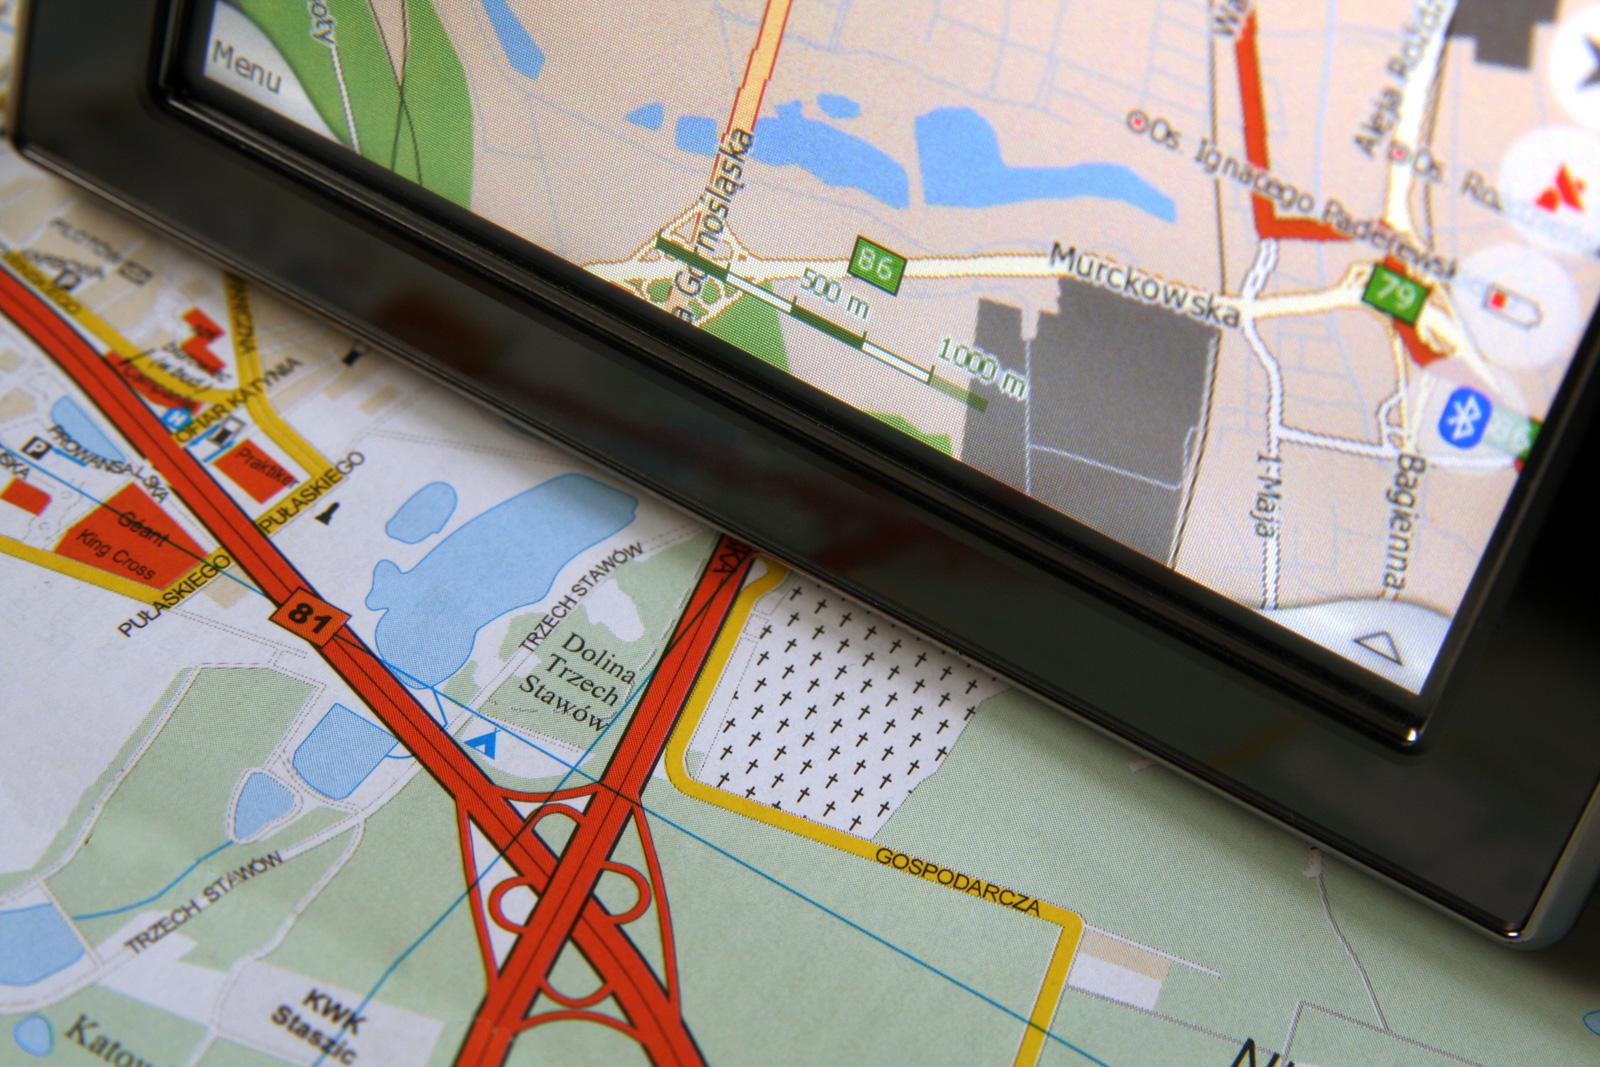 XXIV Санкт-Петербургская международная конференция по интегрированным навигационным системам